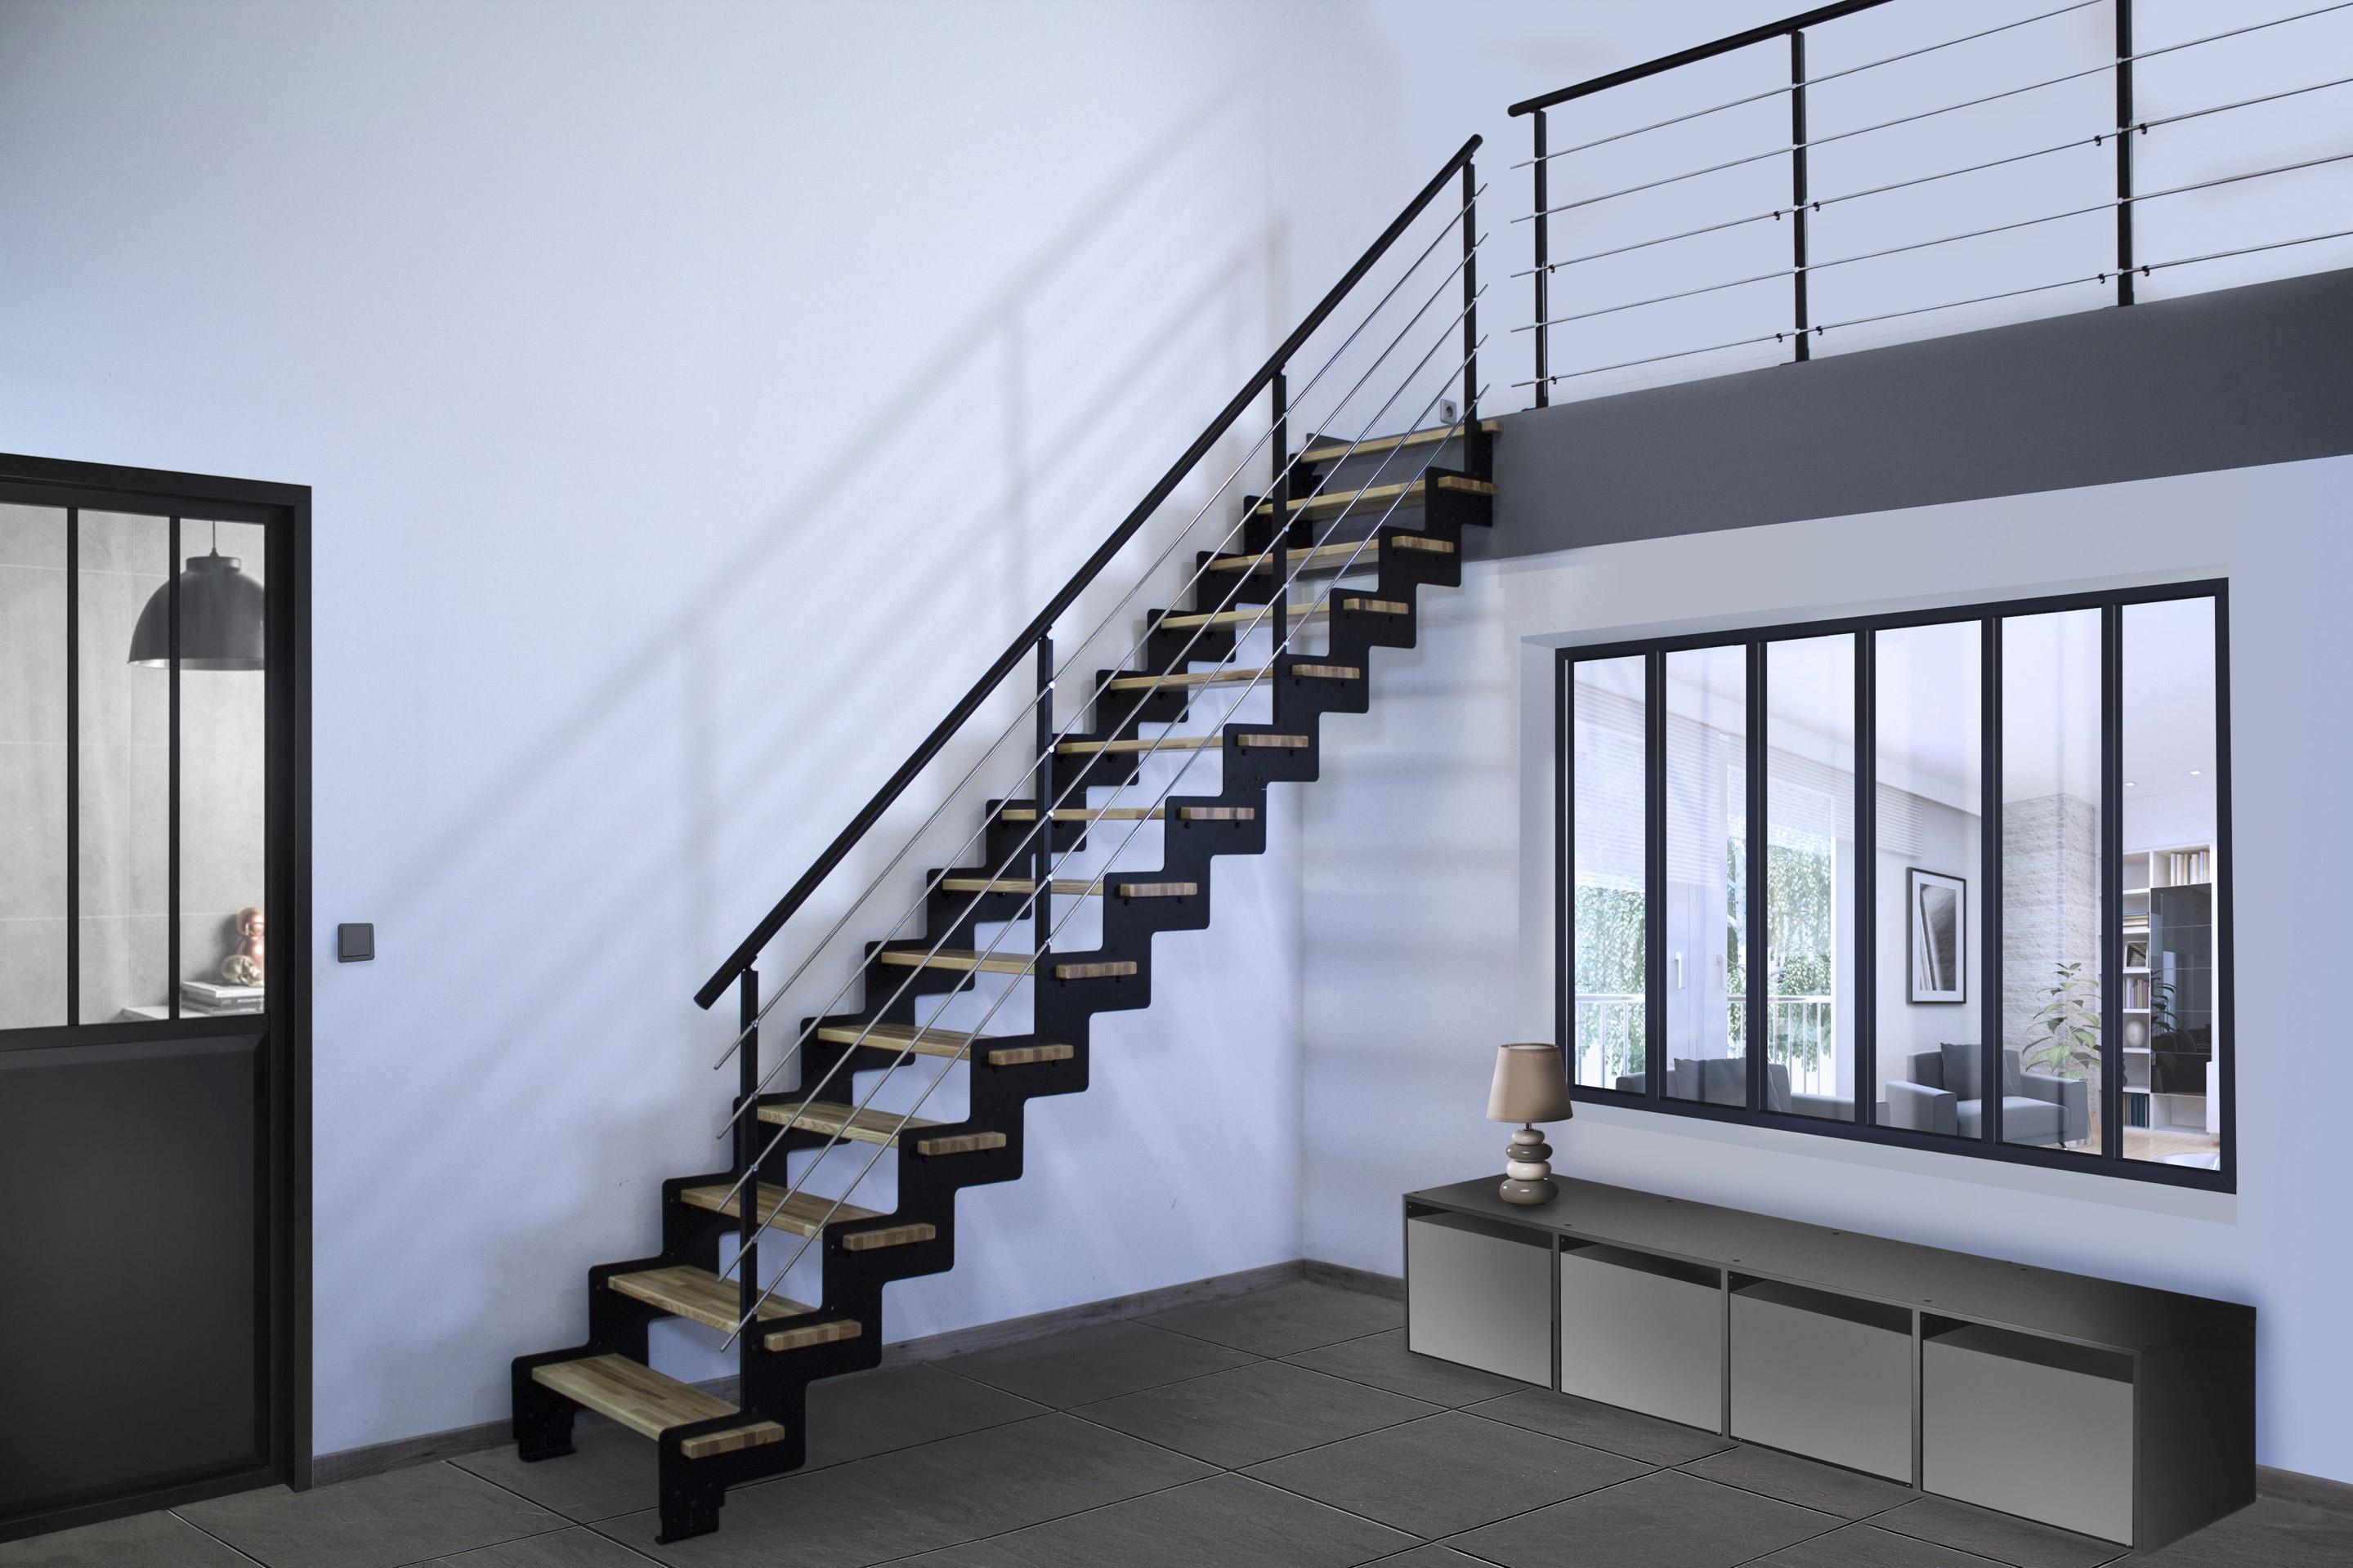 Vernis Pour Marche Escalier escalier droit acier noir crémaillère 14 marches frêne verni , l.85 cm